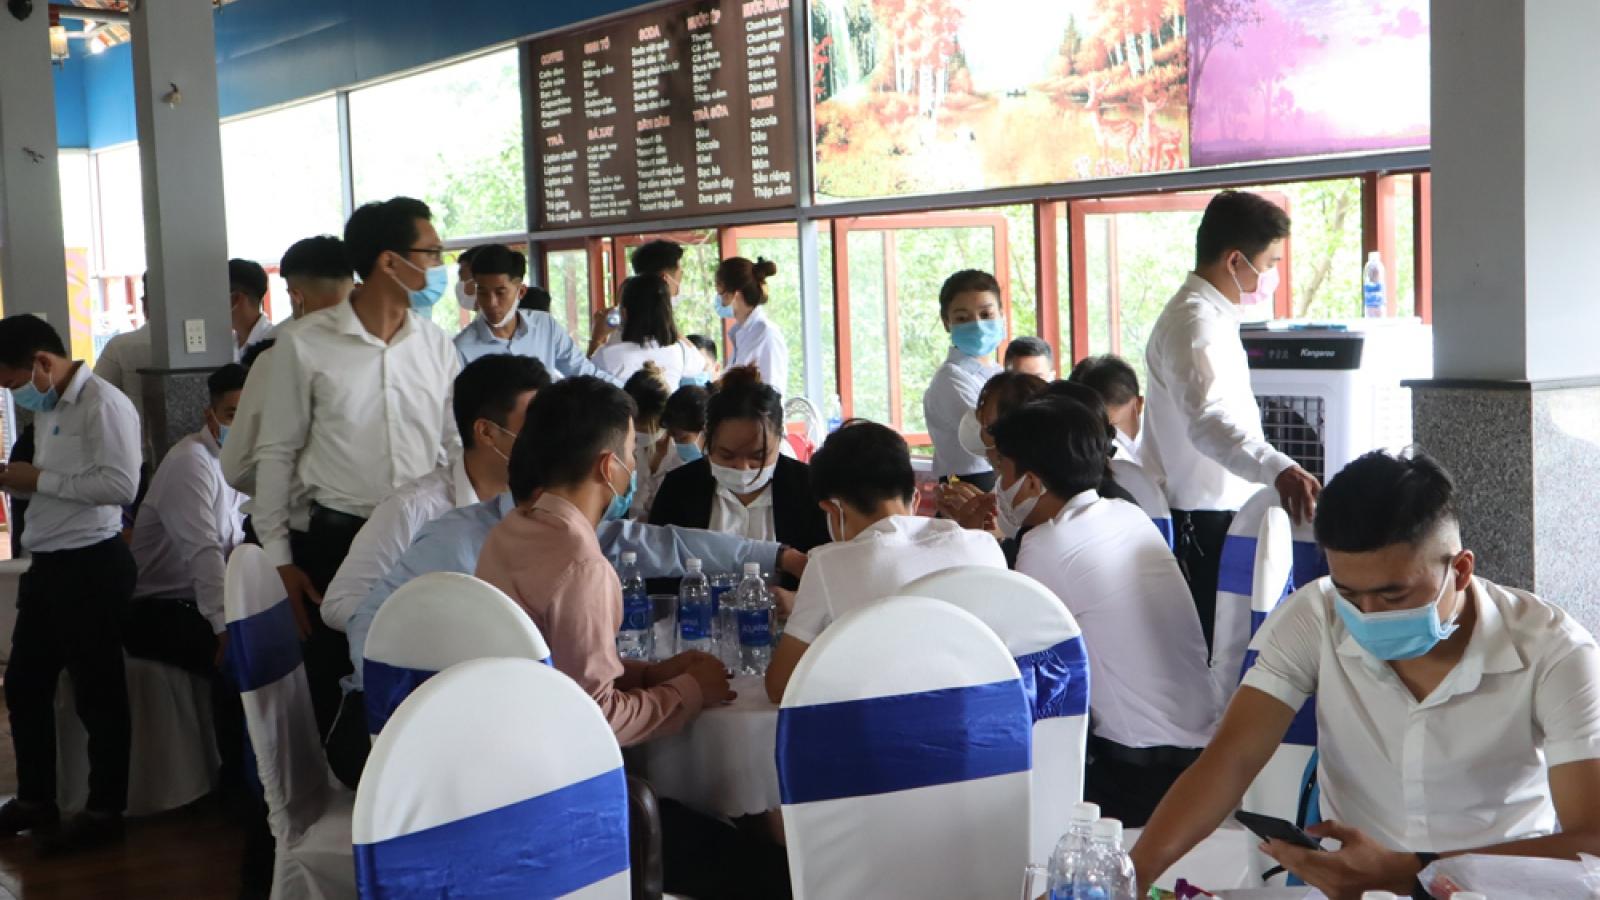 Phạt 320 triệu đồng nhóm người dự sự kiện ở Bình Phước bất chấp lệnh cấm